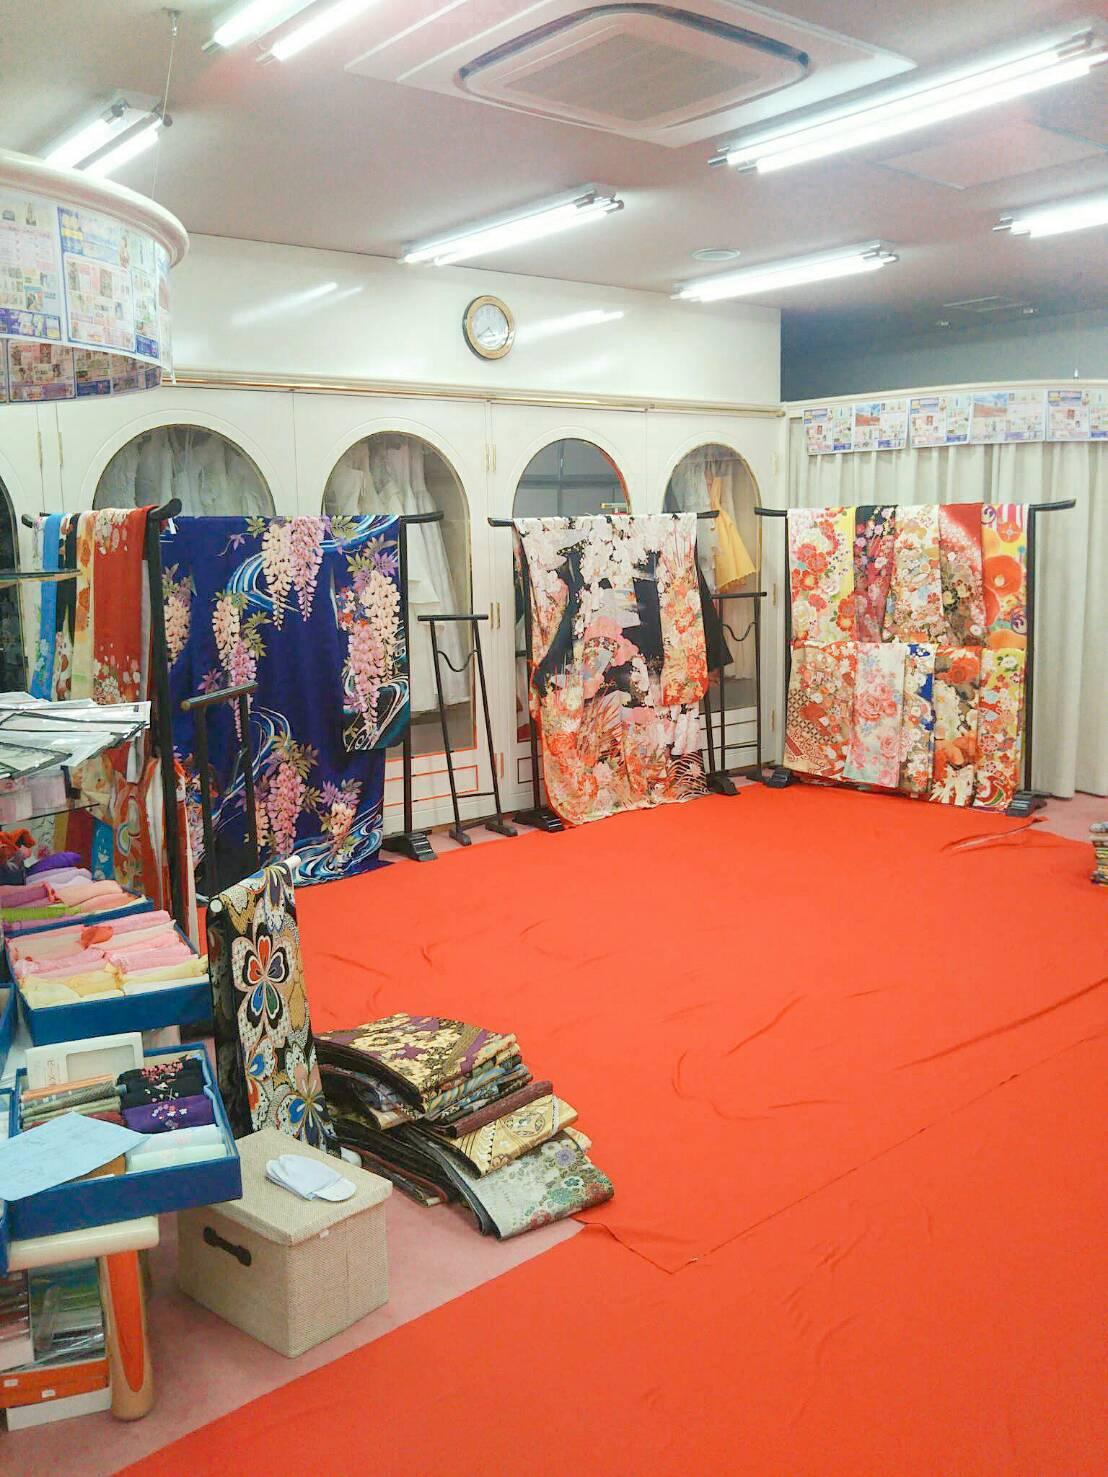 愛知県半田市カネマタ衣裳店店内二階の様子